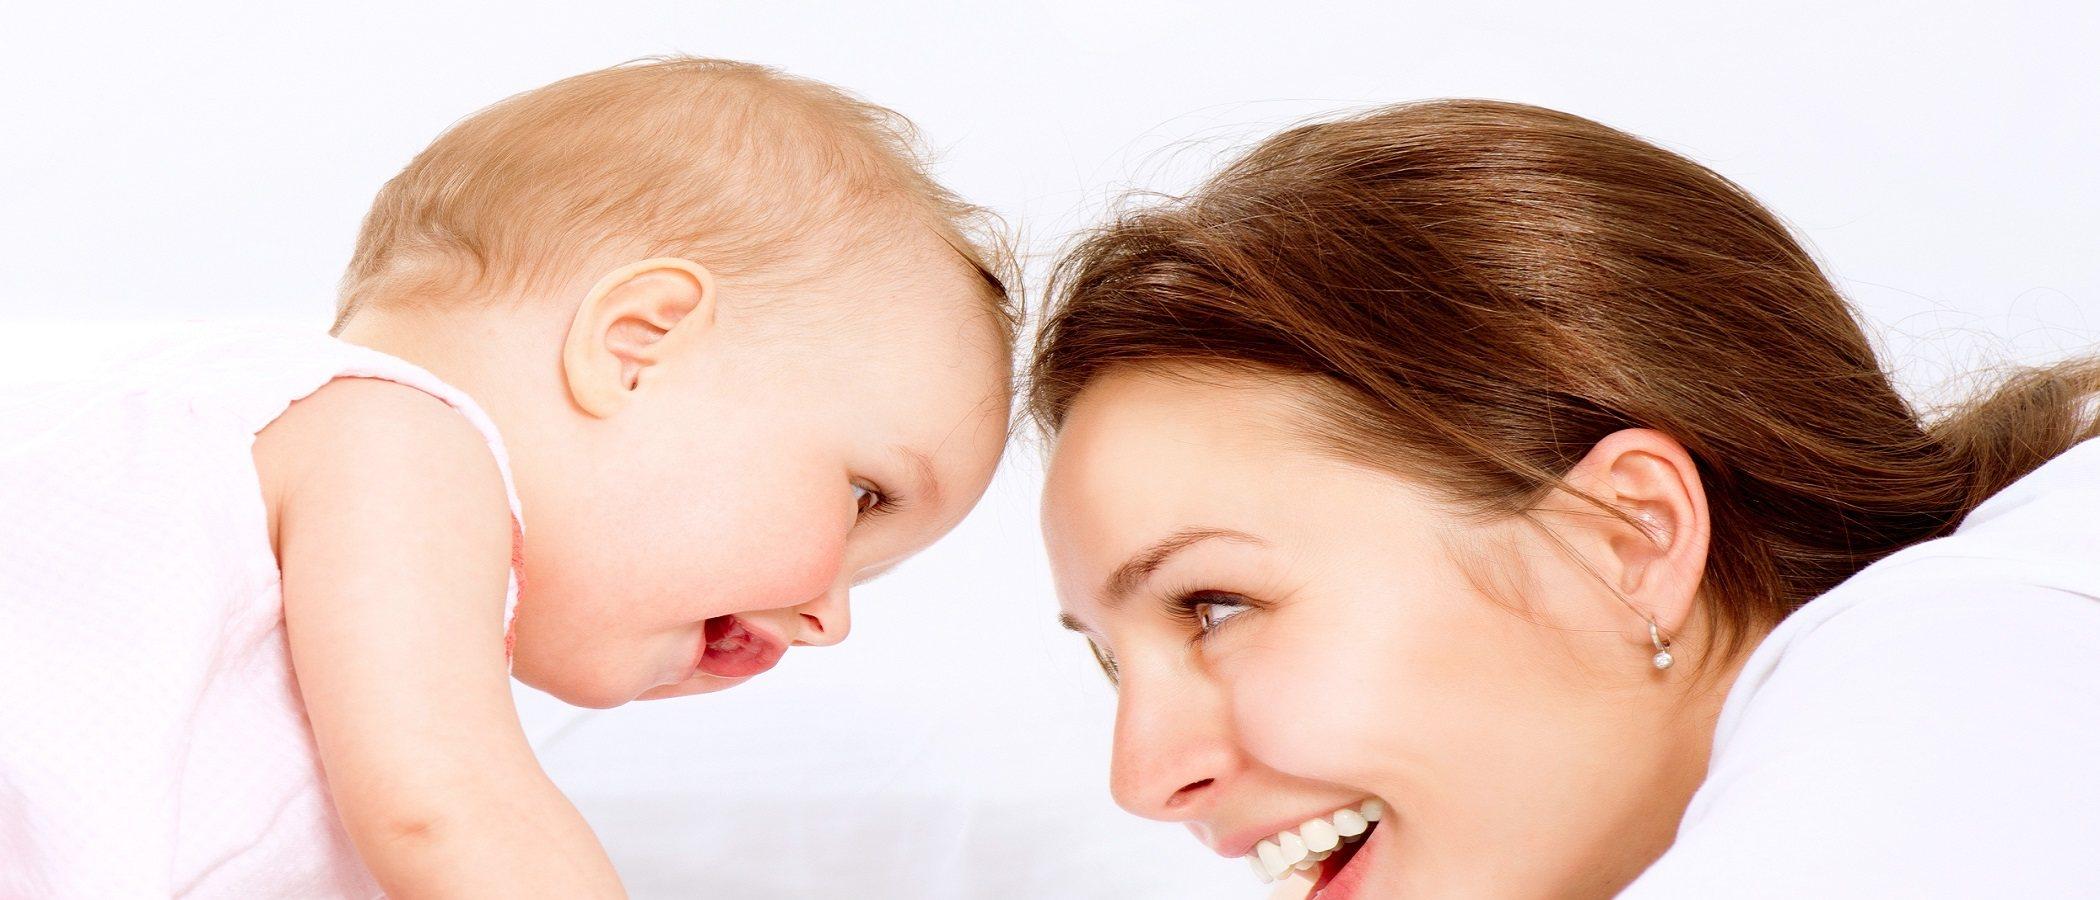 7 cosas que puedes decir a tu bebé... ¡pero nunca a tu pareja!